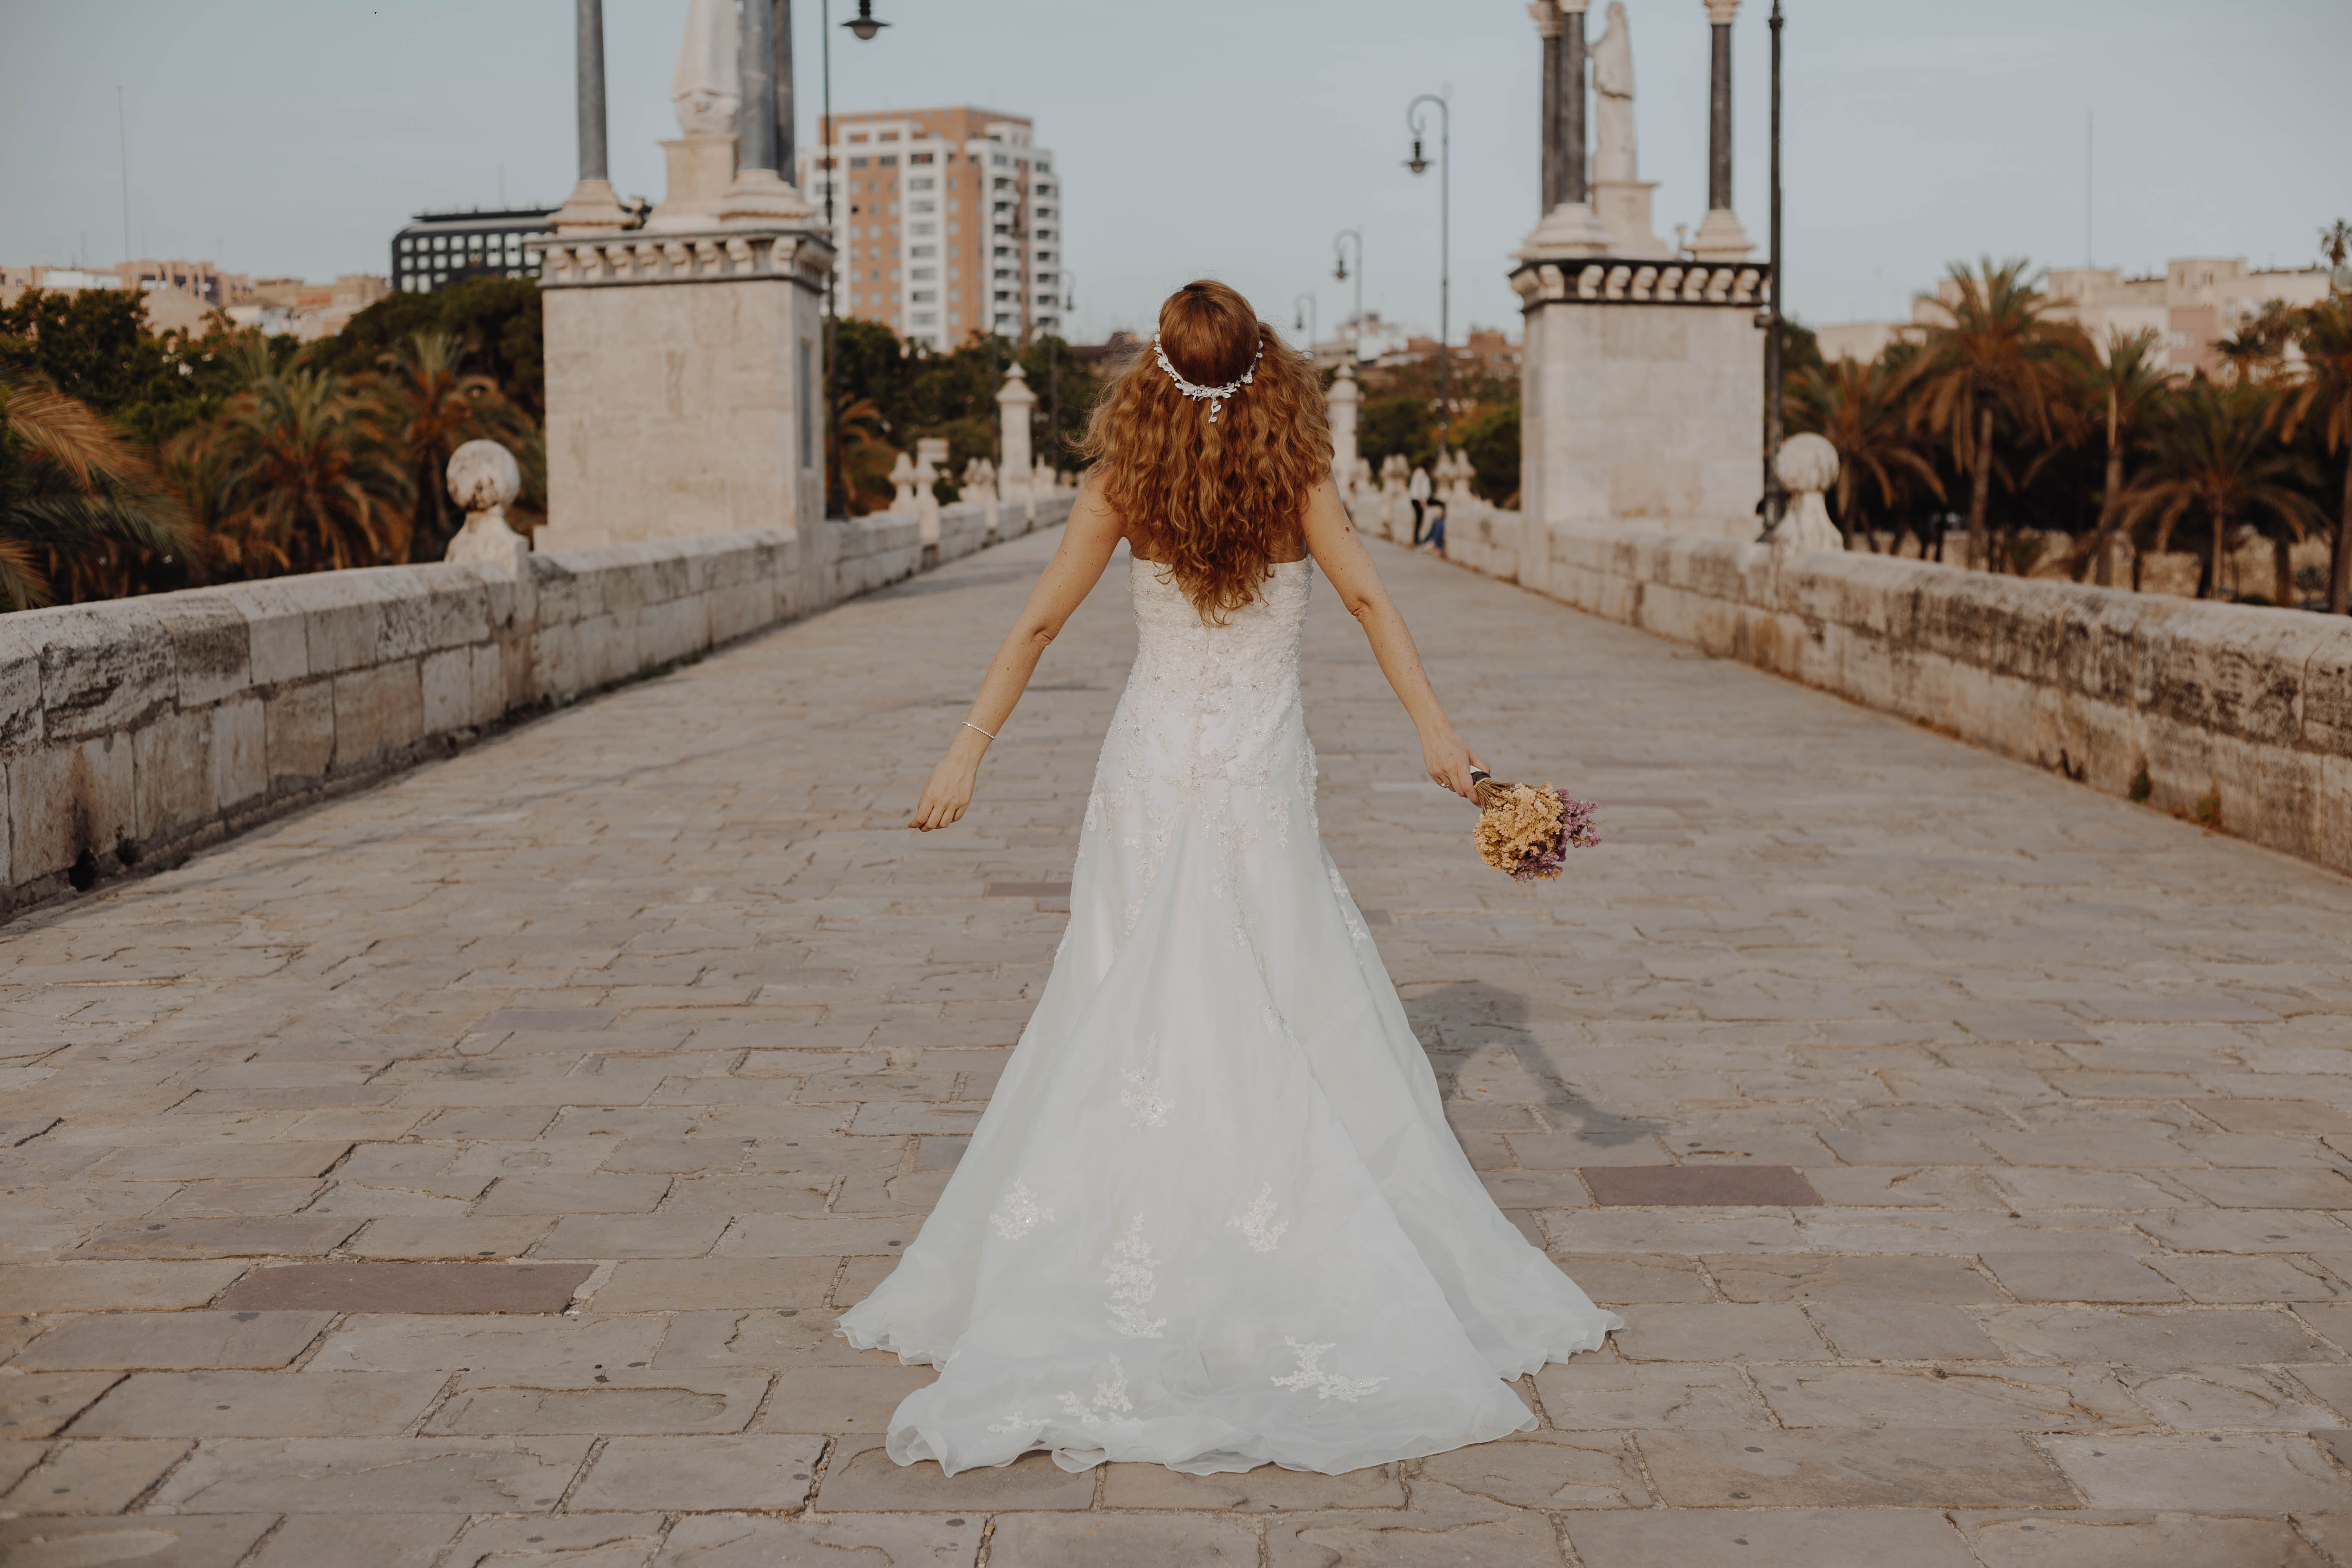 fotografo-de-bodas-valencia-ibiza-alicante-castellon-marbella-madrid-barcelona 22